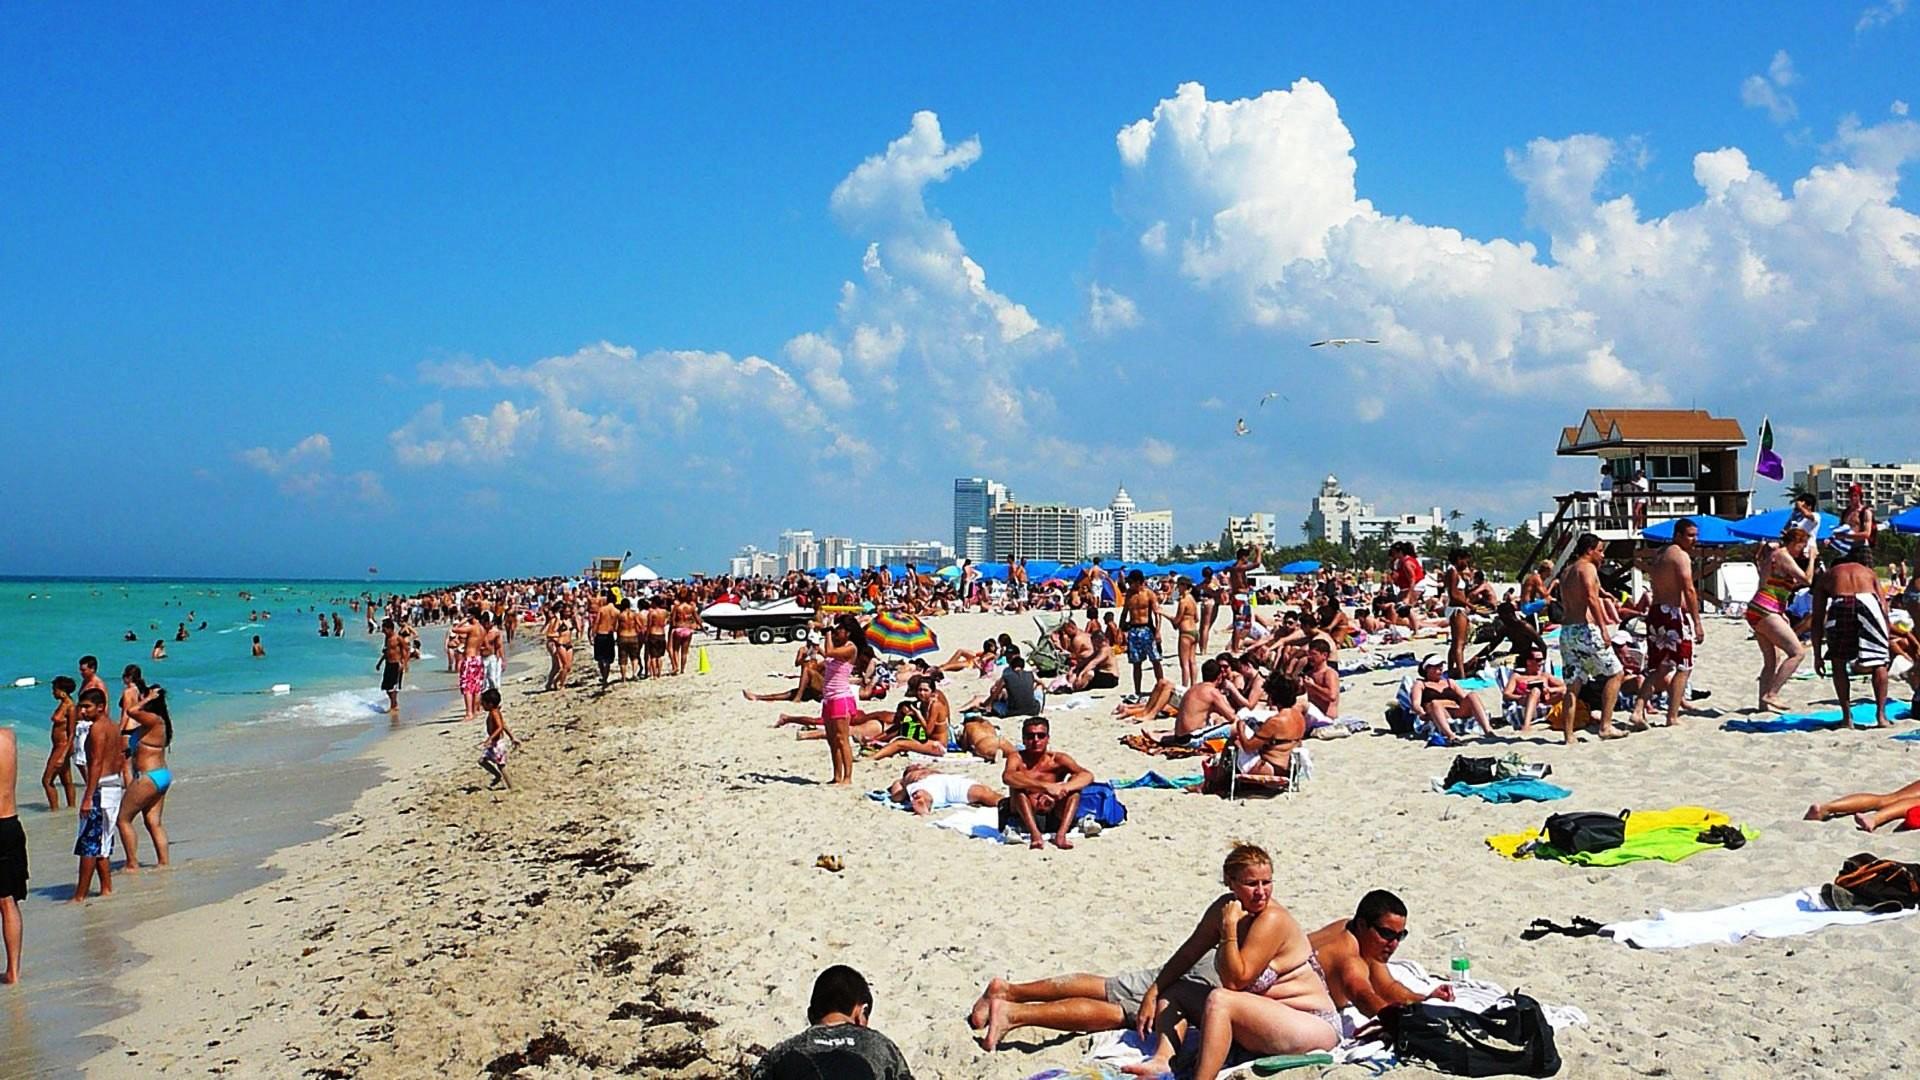 High Quality Miami Beach Wallpaper   Full HD Photos